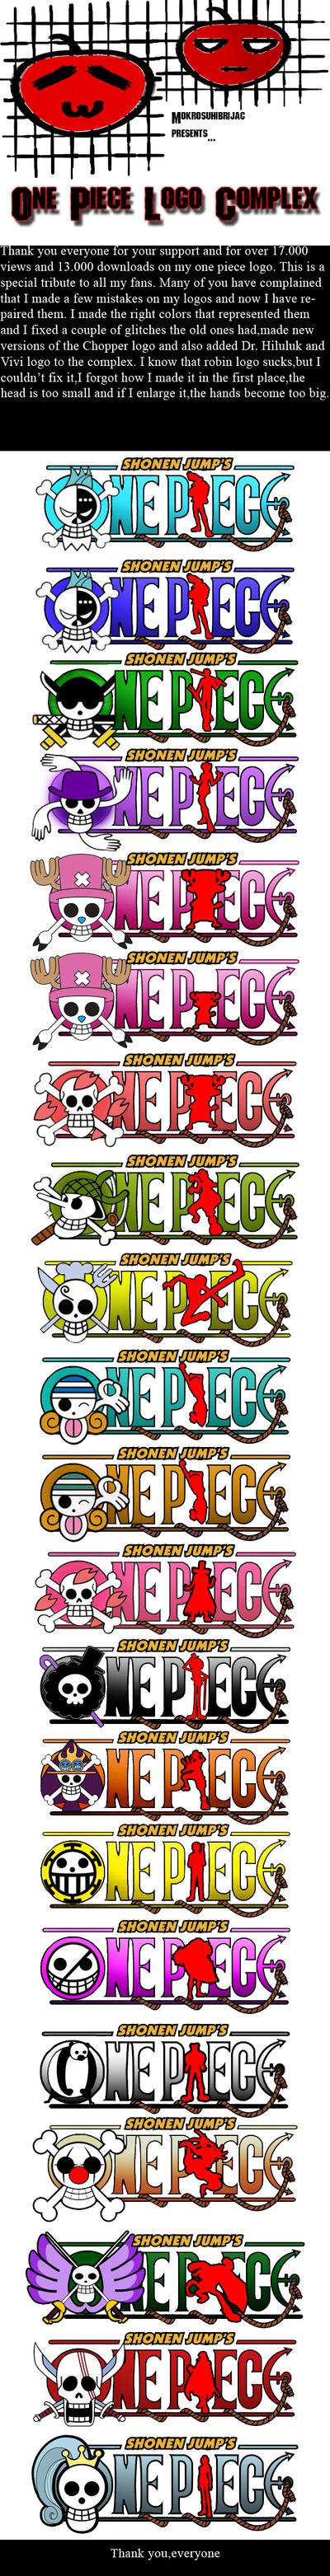 One Piece logo Complex by Mokrosuhibrijac